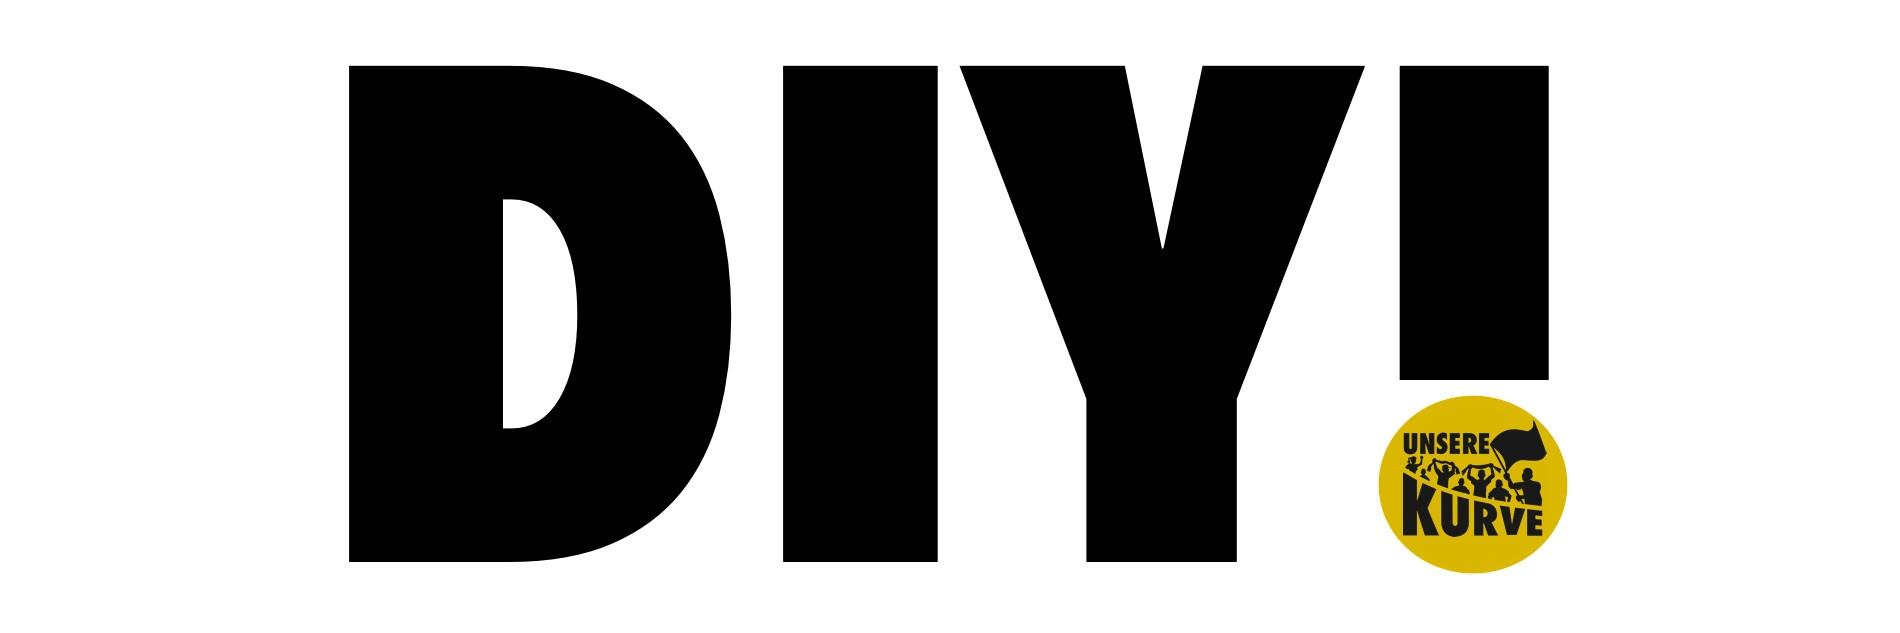 """Schwarzer """"DIY!""""-Schriftzug auf weißem Hintergrund. Der Punkt vom Ausrufezeichen wird durch das """"Unsere Kurve""""-Logo dargestellt. In dem Logo sind Fanfiguren mit Schals und Fahnen zu sehen."""